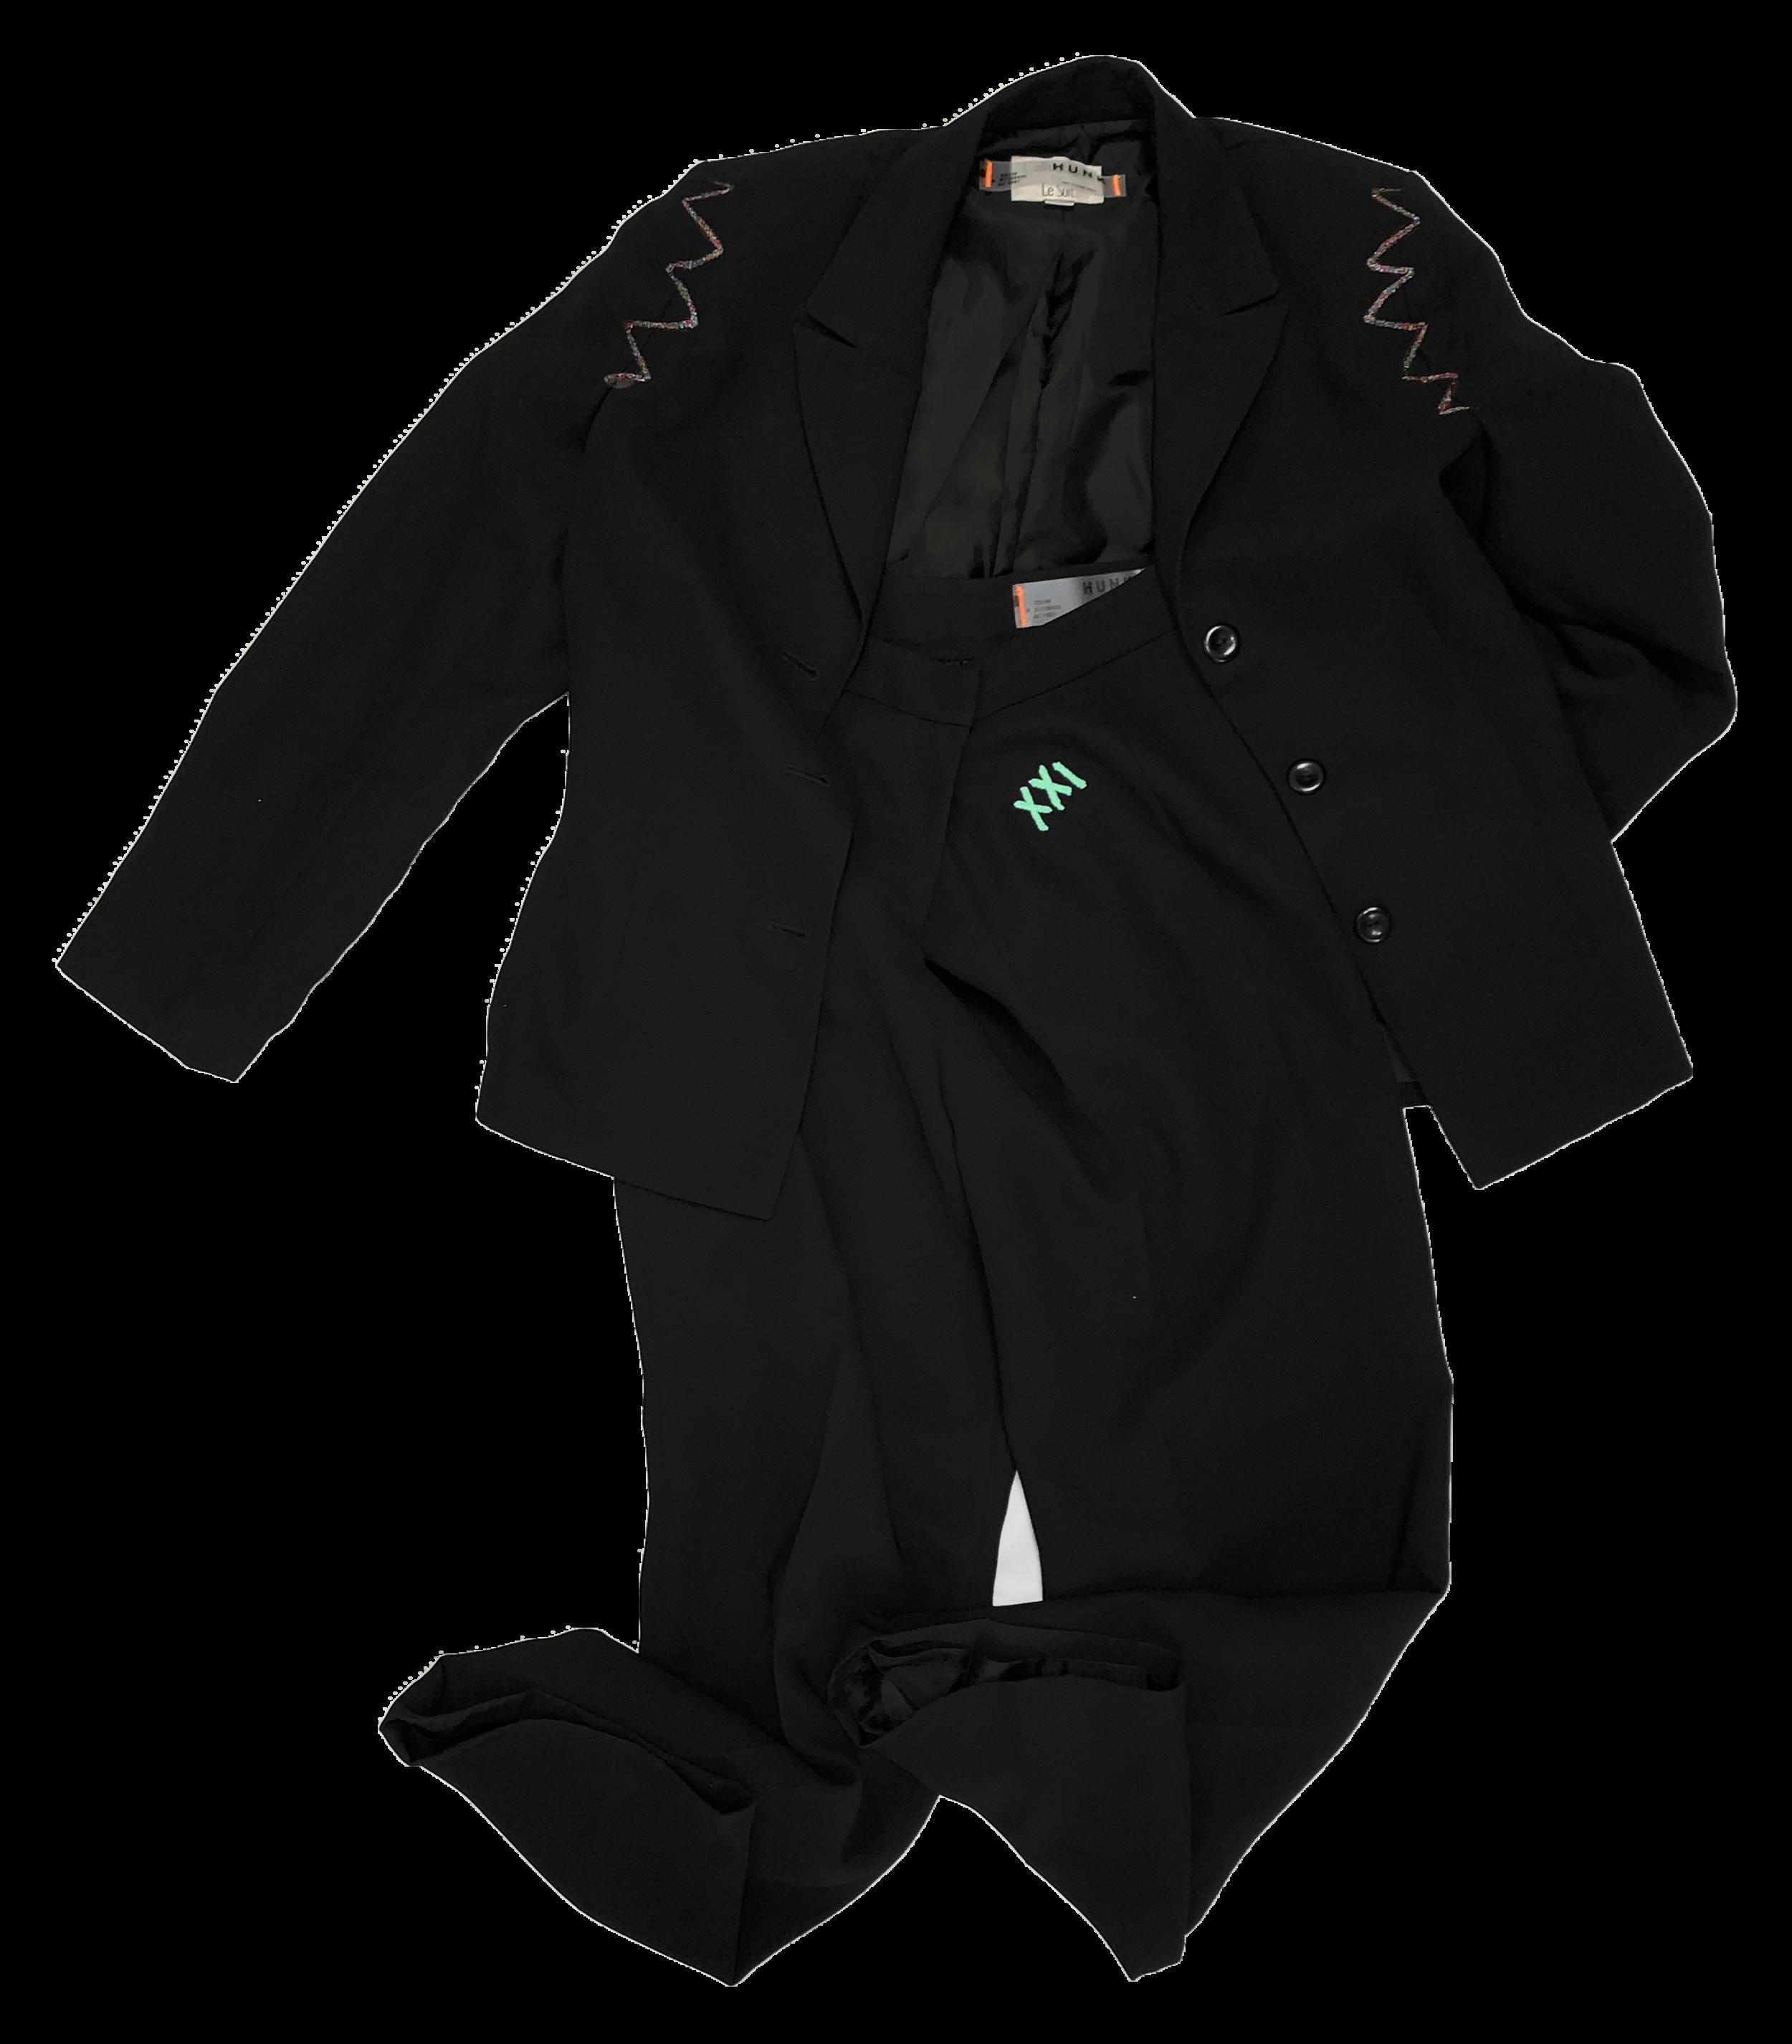 Full Suit 1 copy.png